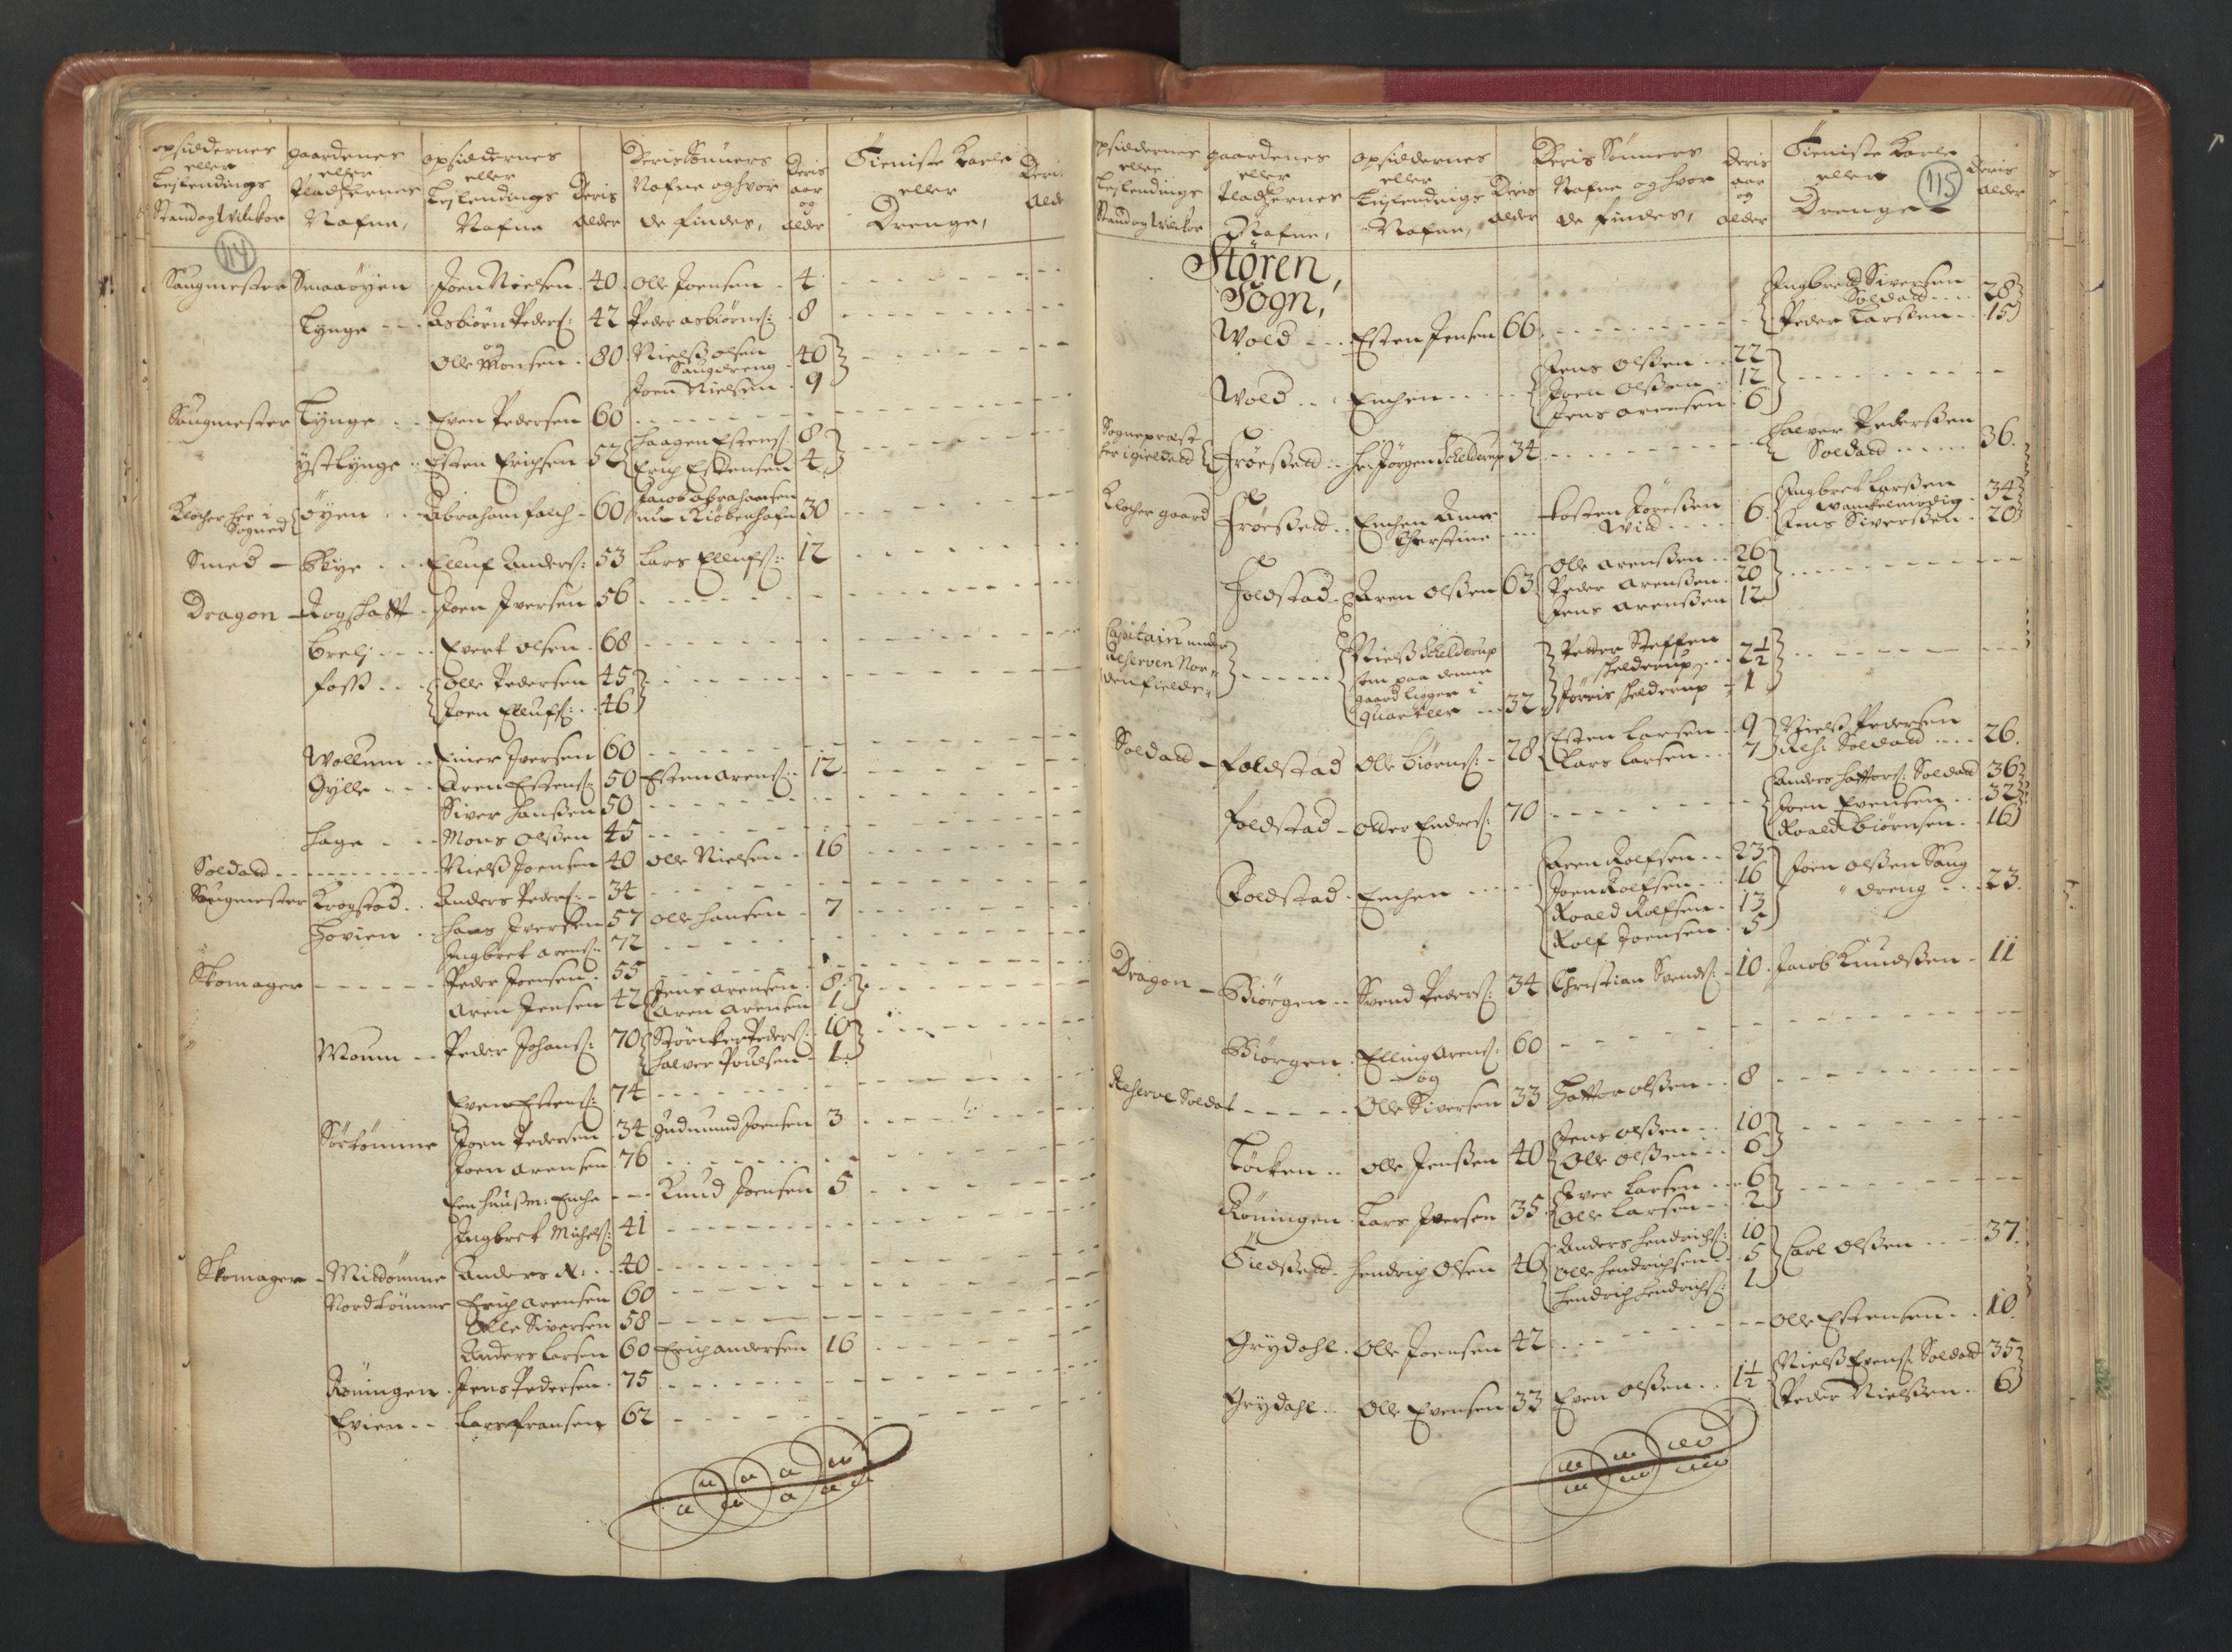 RA, Manntallet 1701, nr. 13: Orkdal fogderi og Gauldal fogderi med Røros kobberverk, 1701, s. 114-115